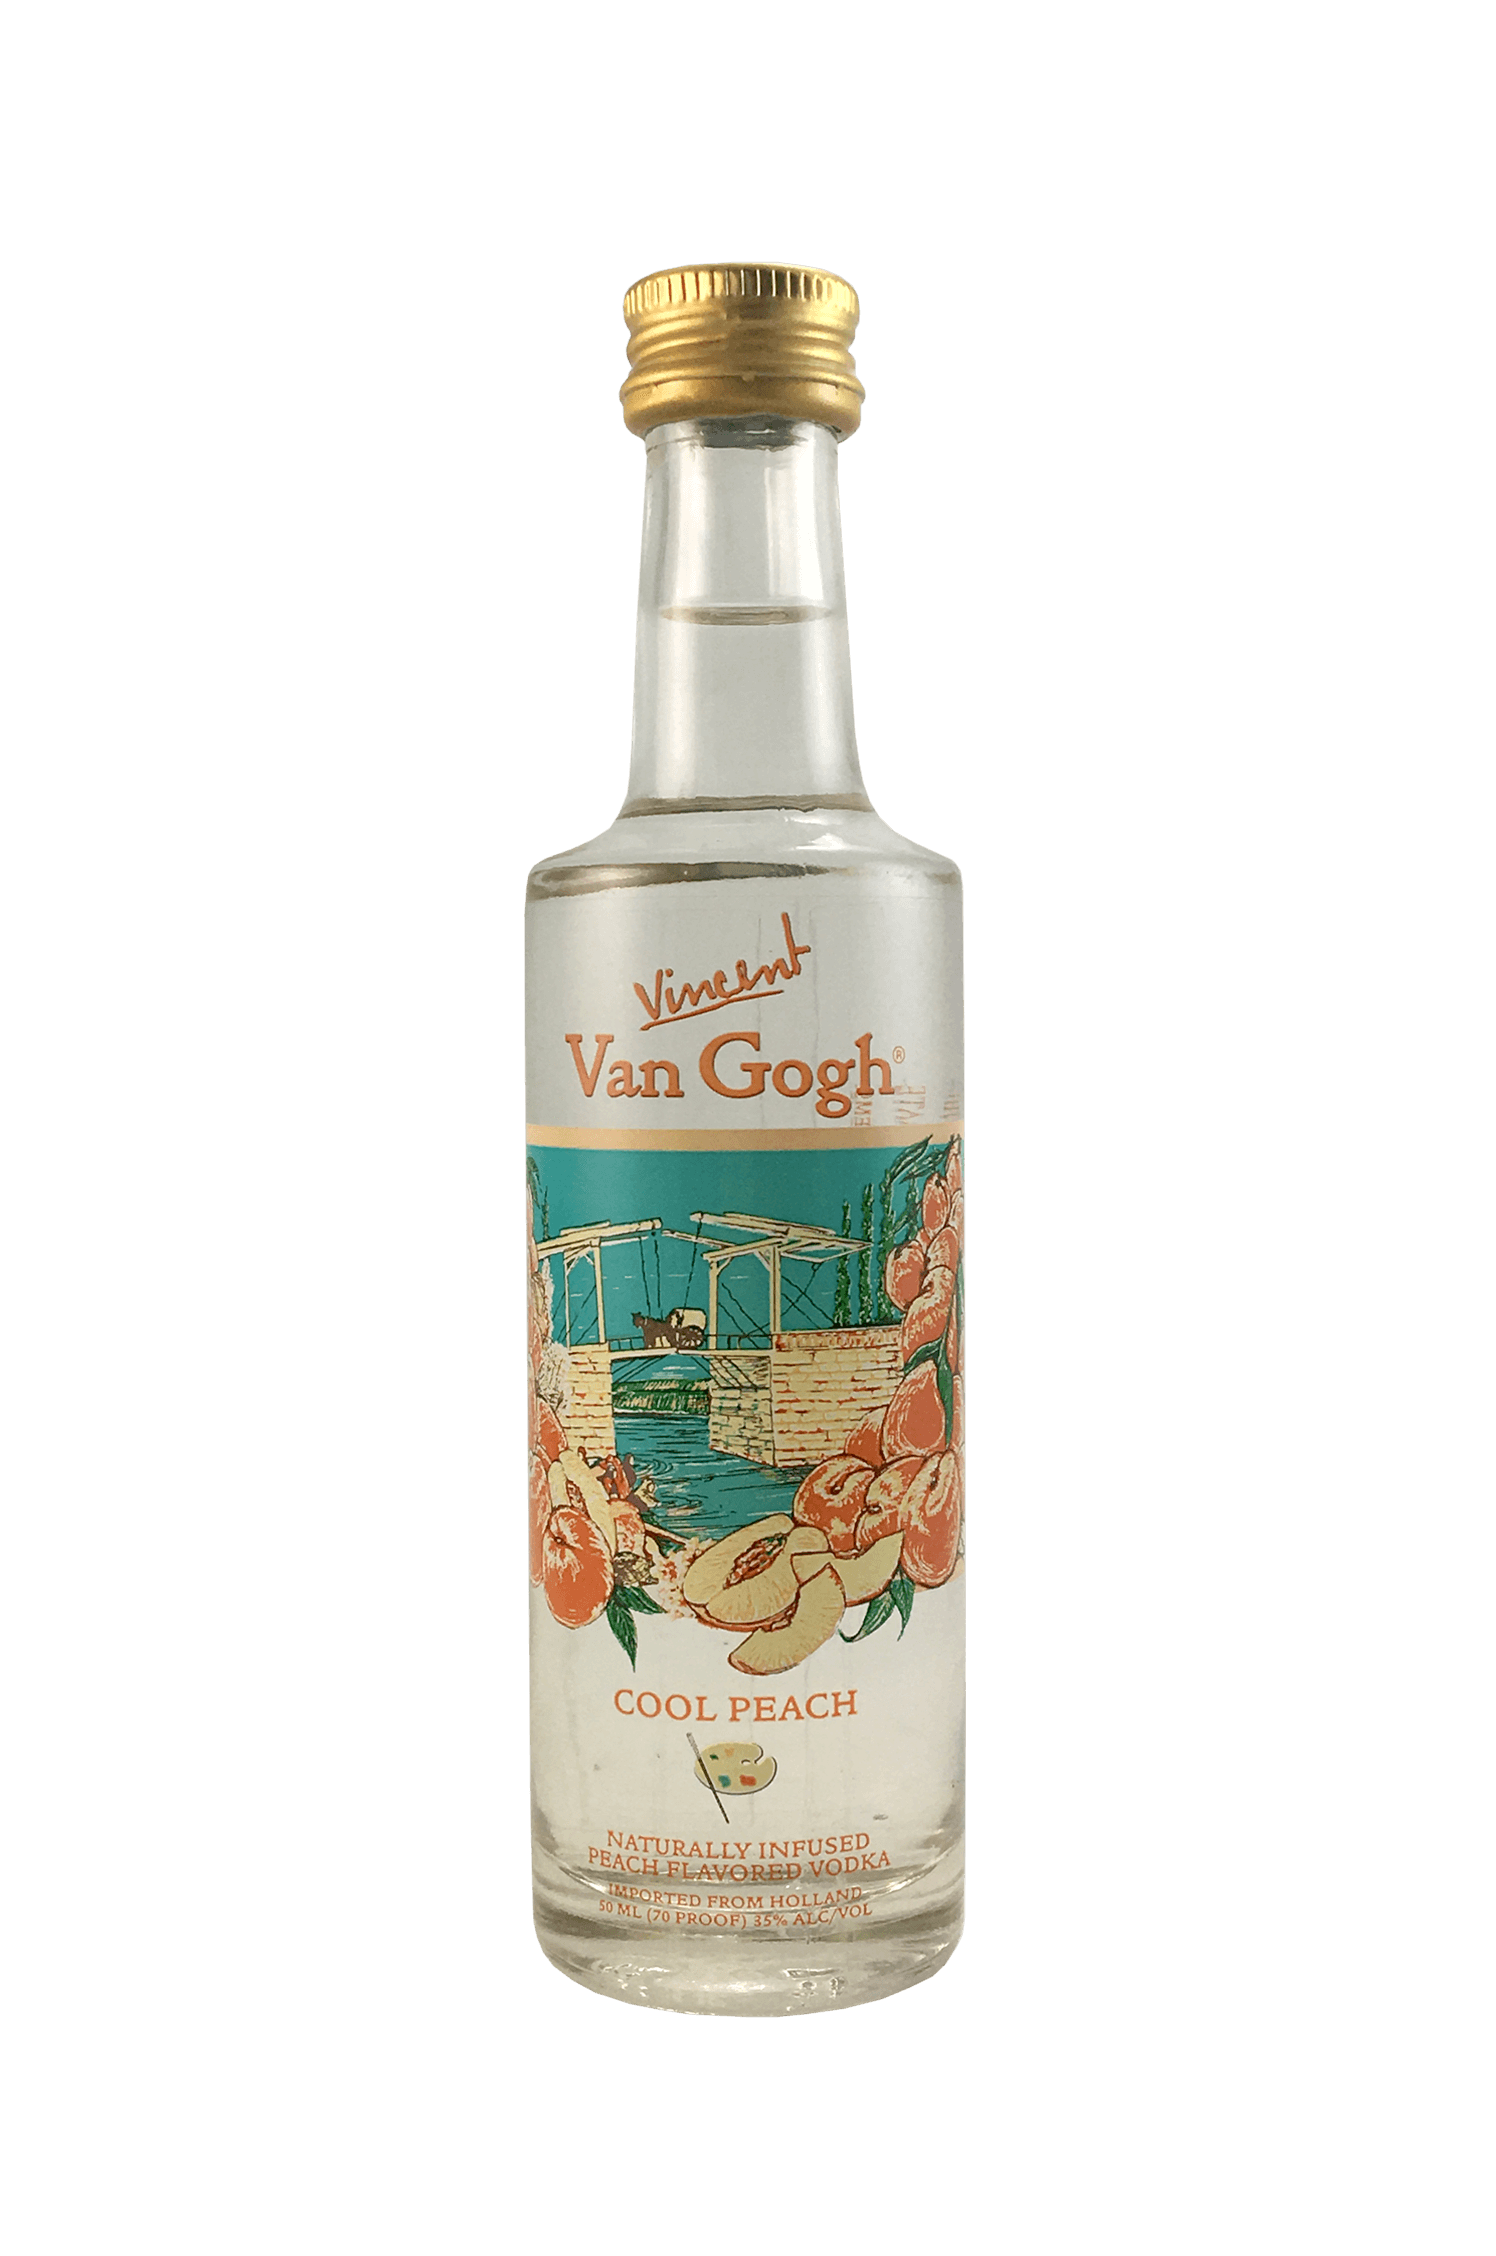 Van Gogh – Cool Peach